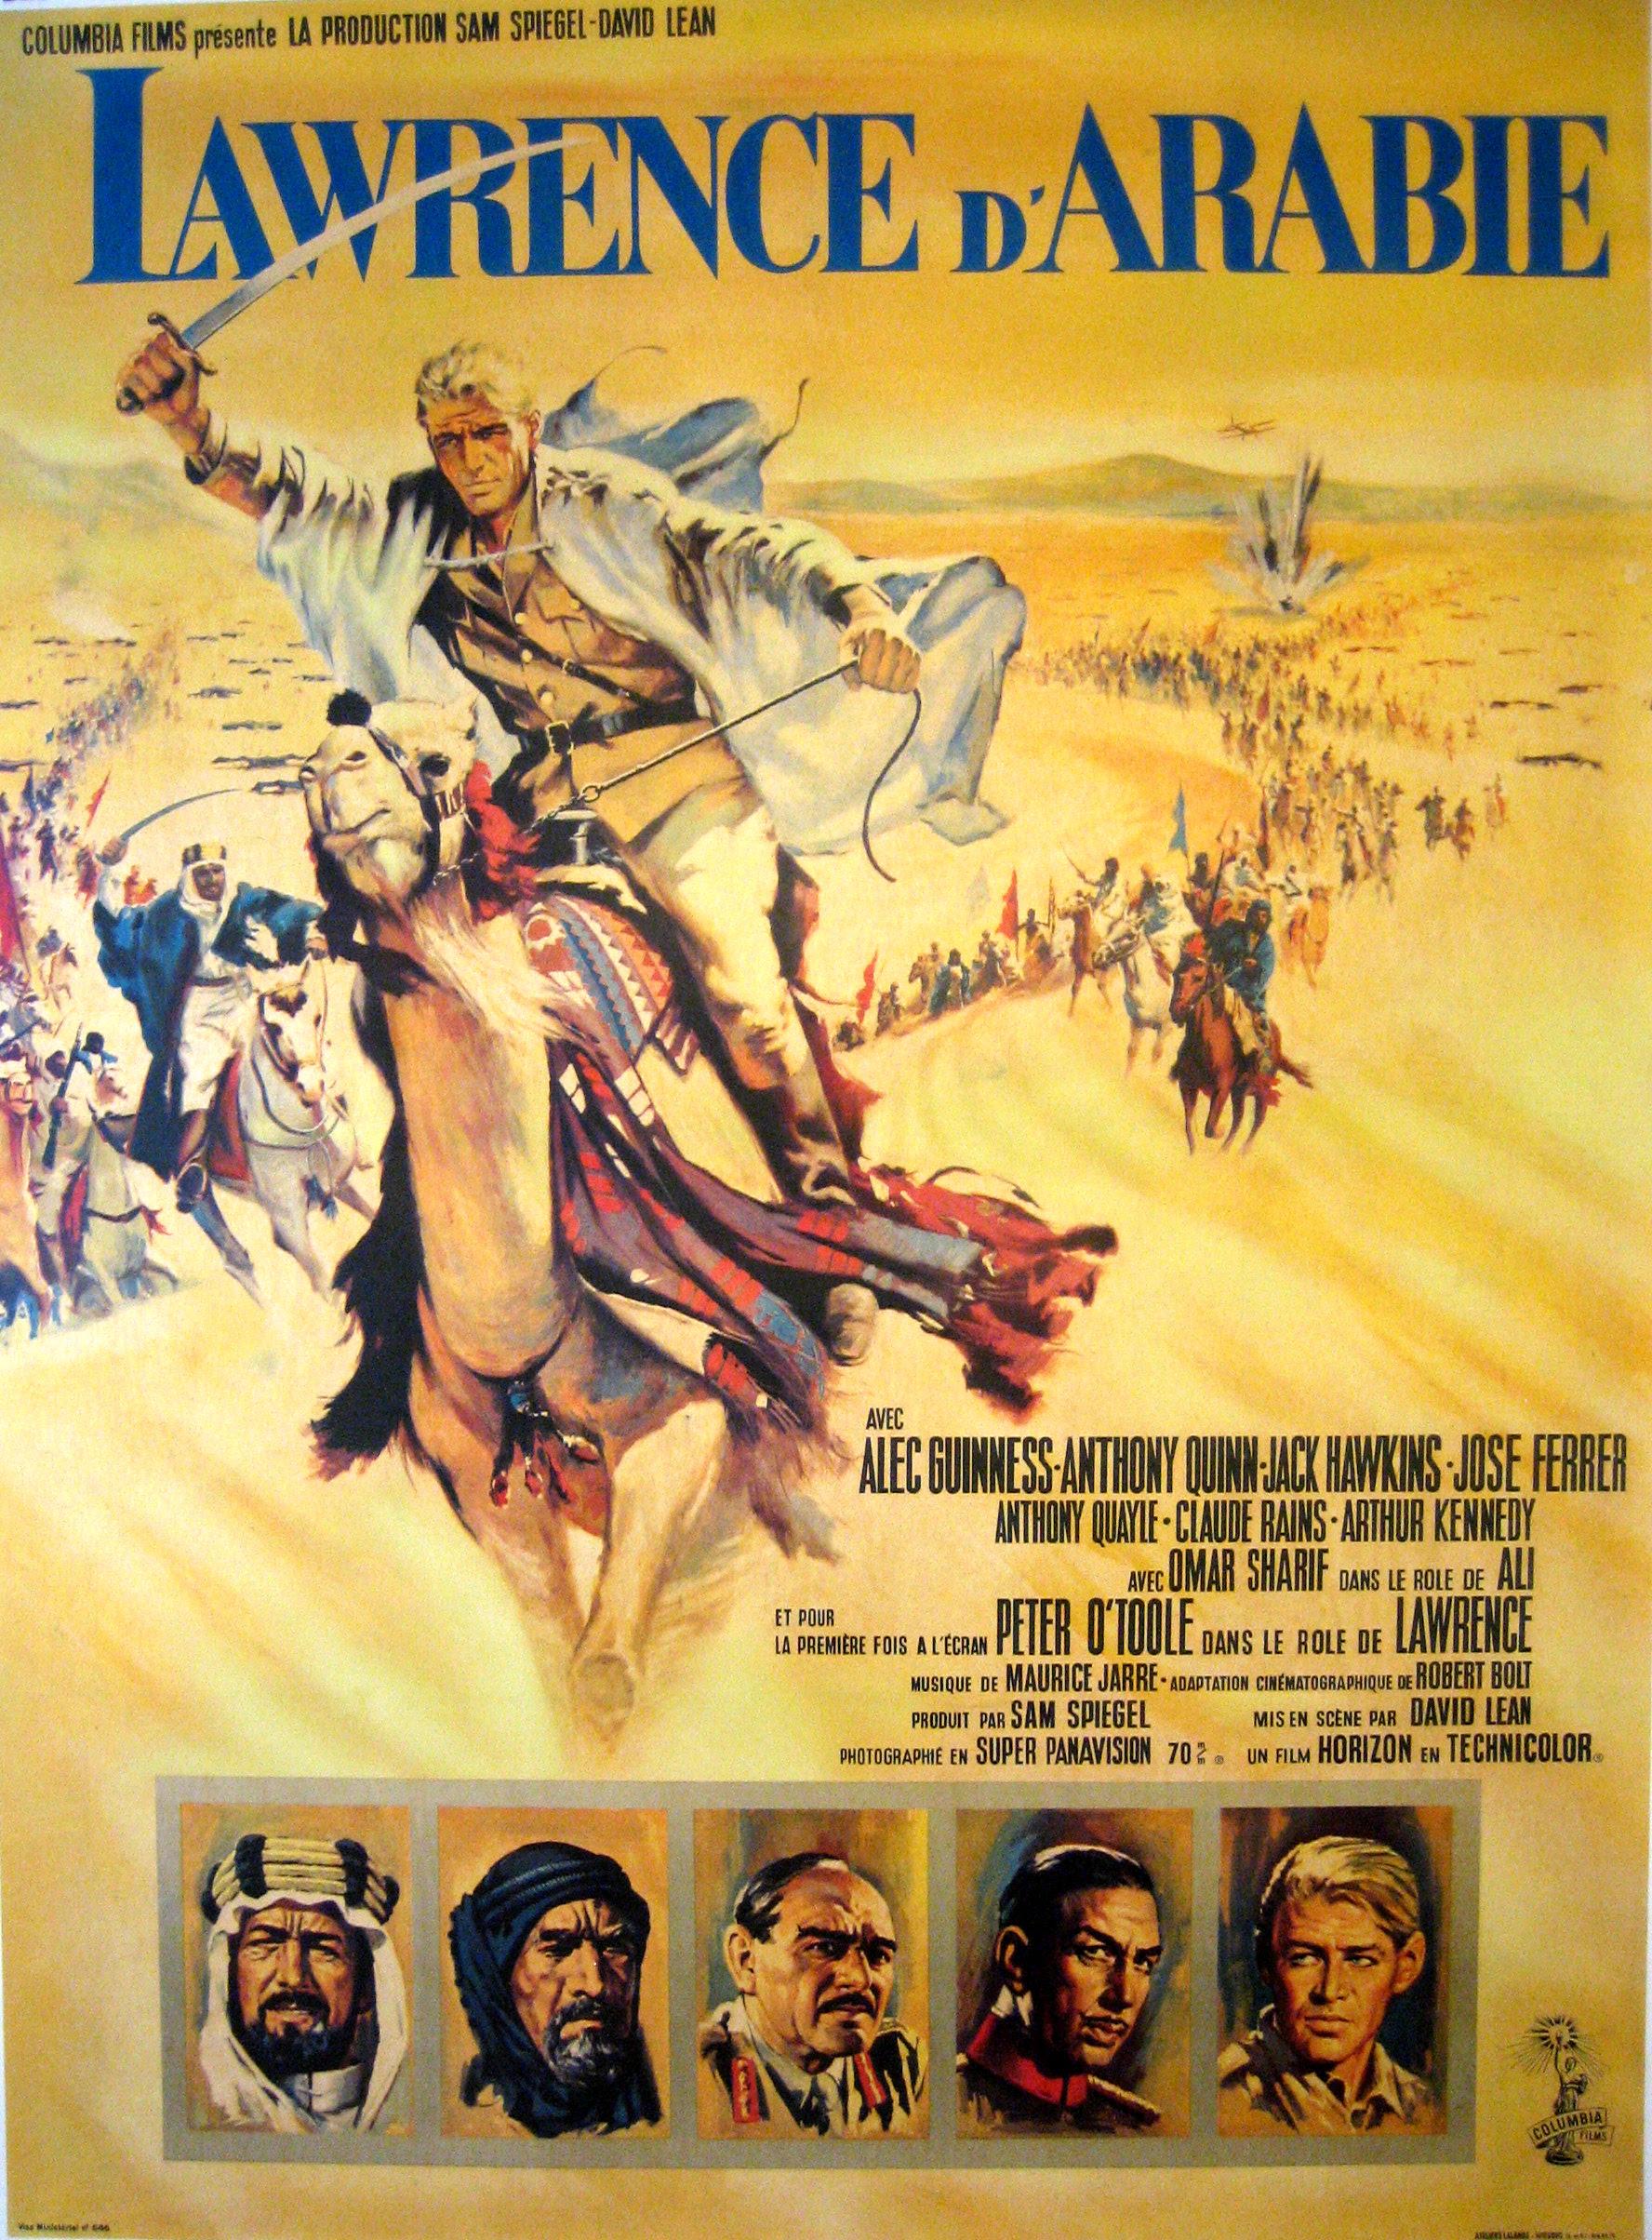 La Gran Guerra, un siglo despues: bibliografía y filmografía recomendadas: Cartel de Lawrence de Arabia